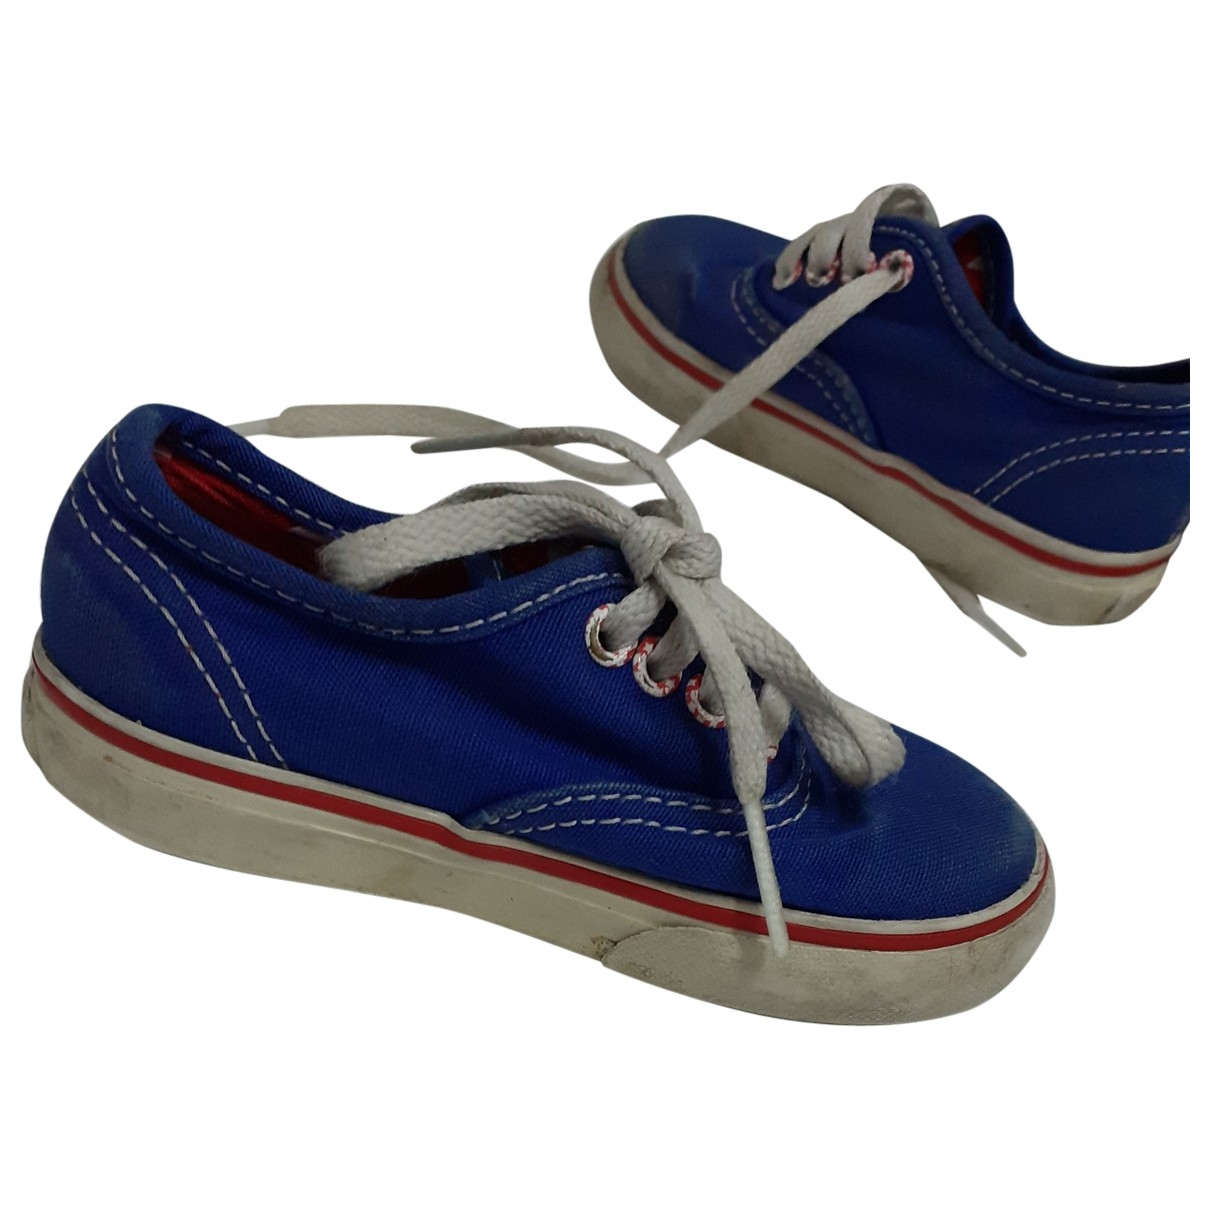 Vans - Baskets   pour enfant en toile - bleu